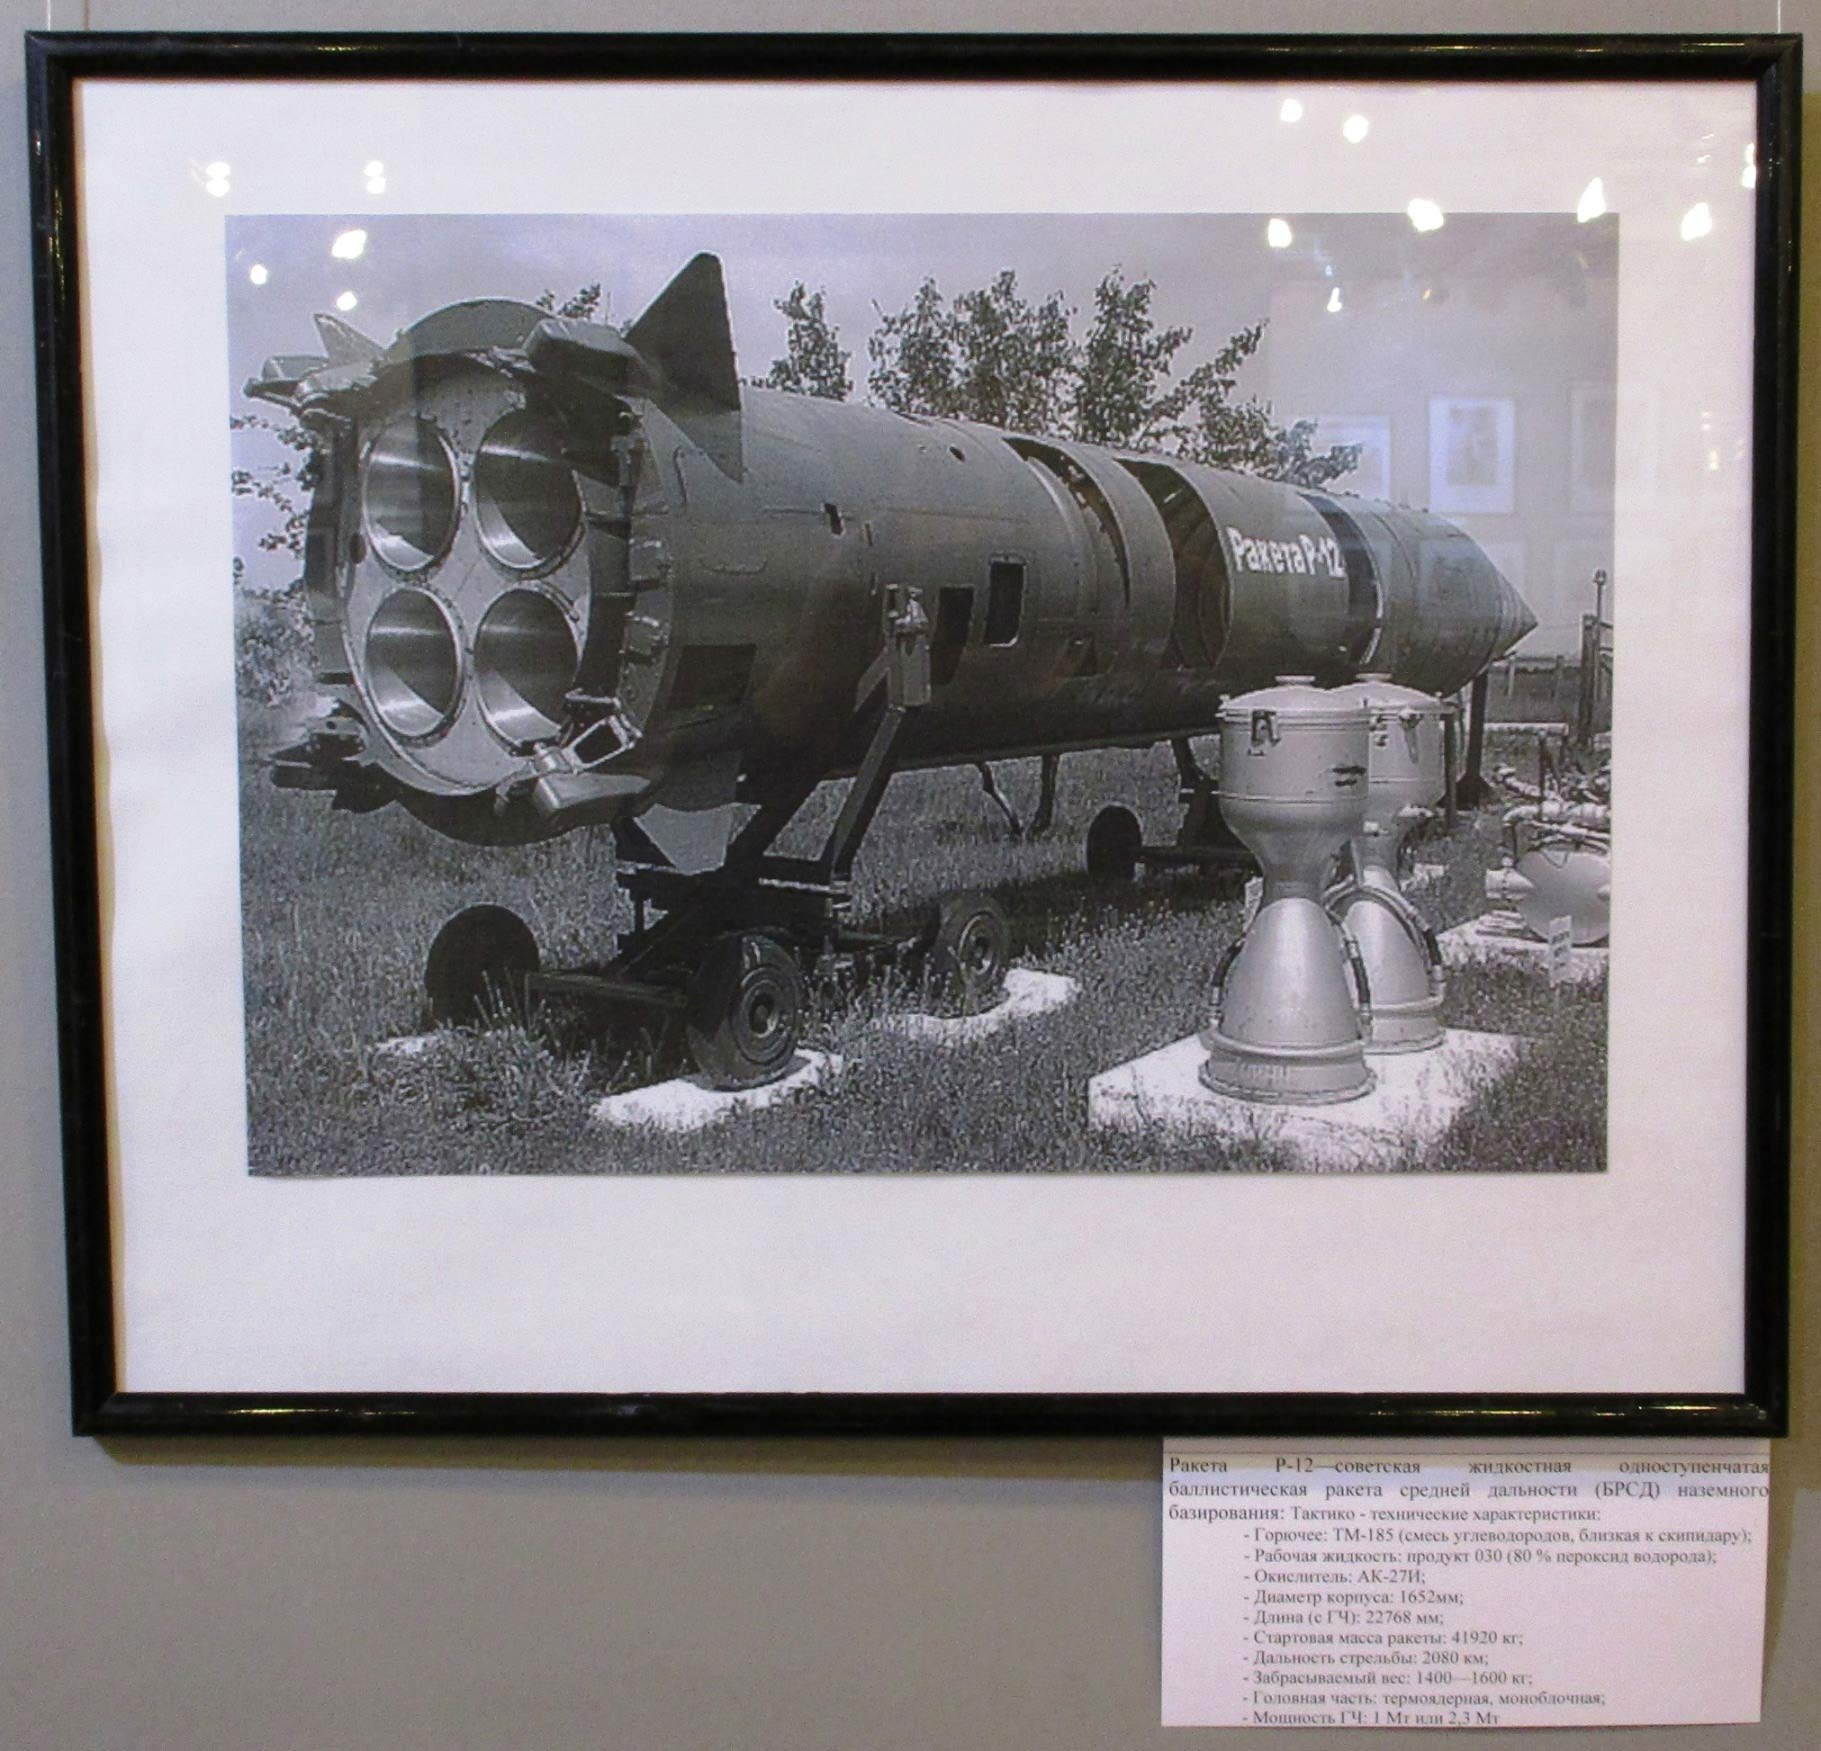 2016-10-27. Баллистическая ракета Р-12 (не Куба)